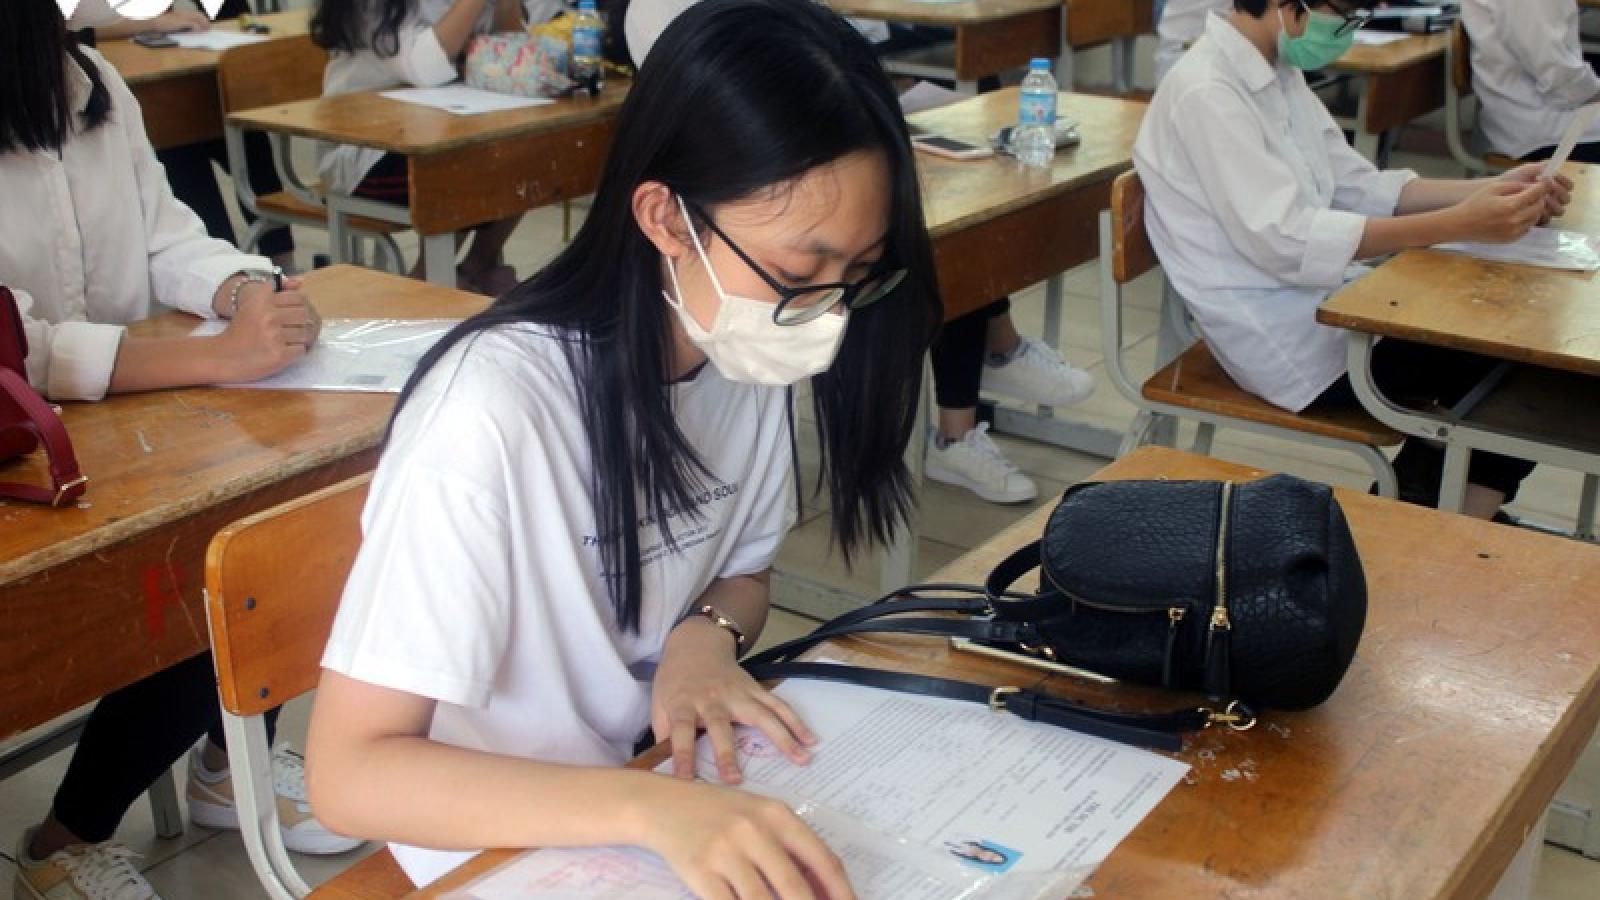 Đề Toán tốt nghiệp THPT đợt 2: Học sinh nắm chắc kiến thức có thể đạt 10 điểm